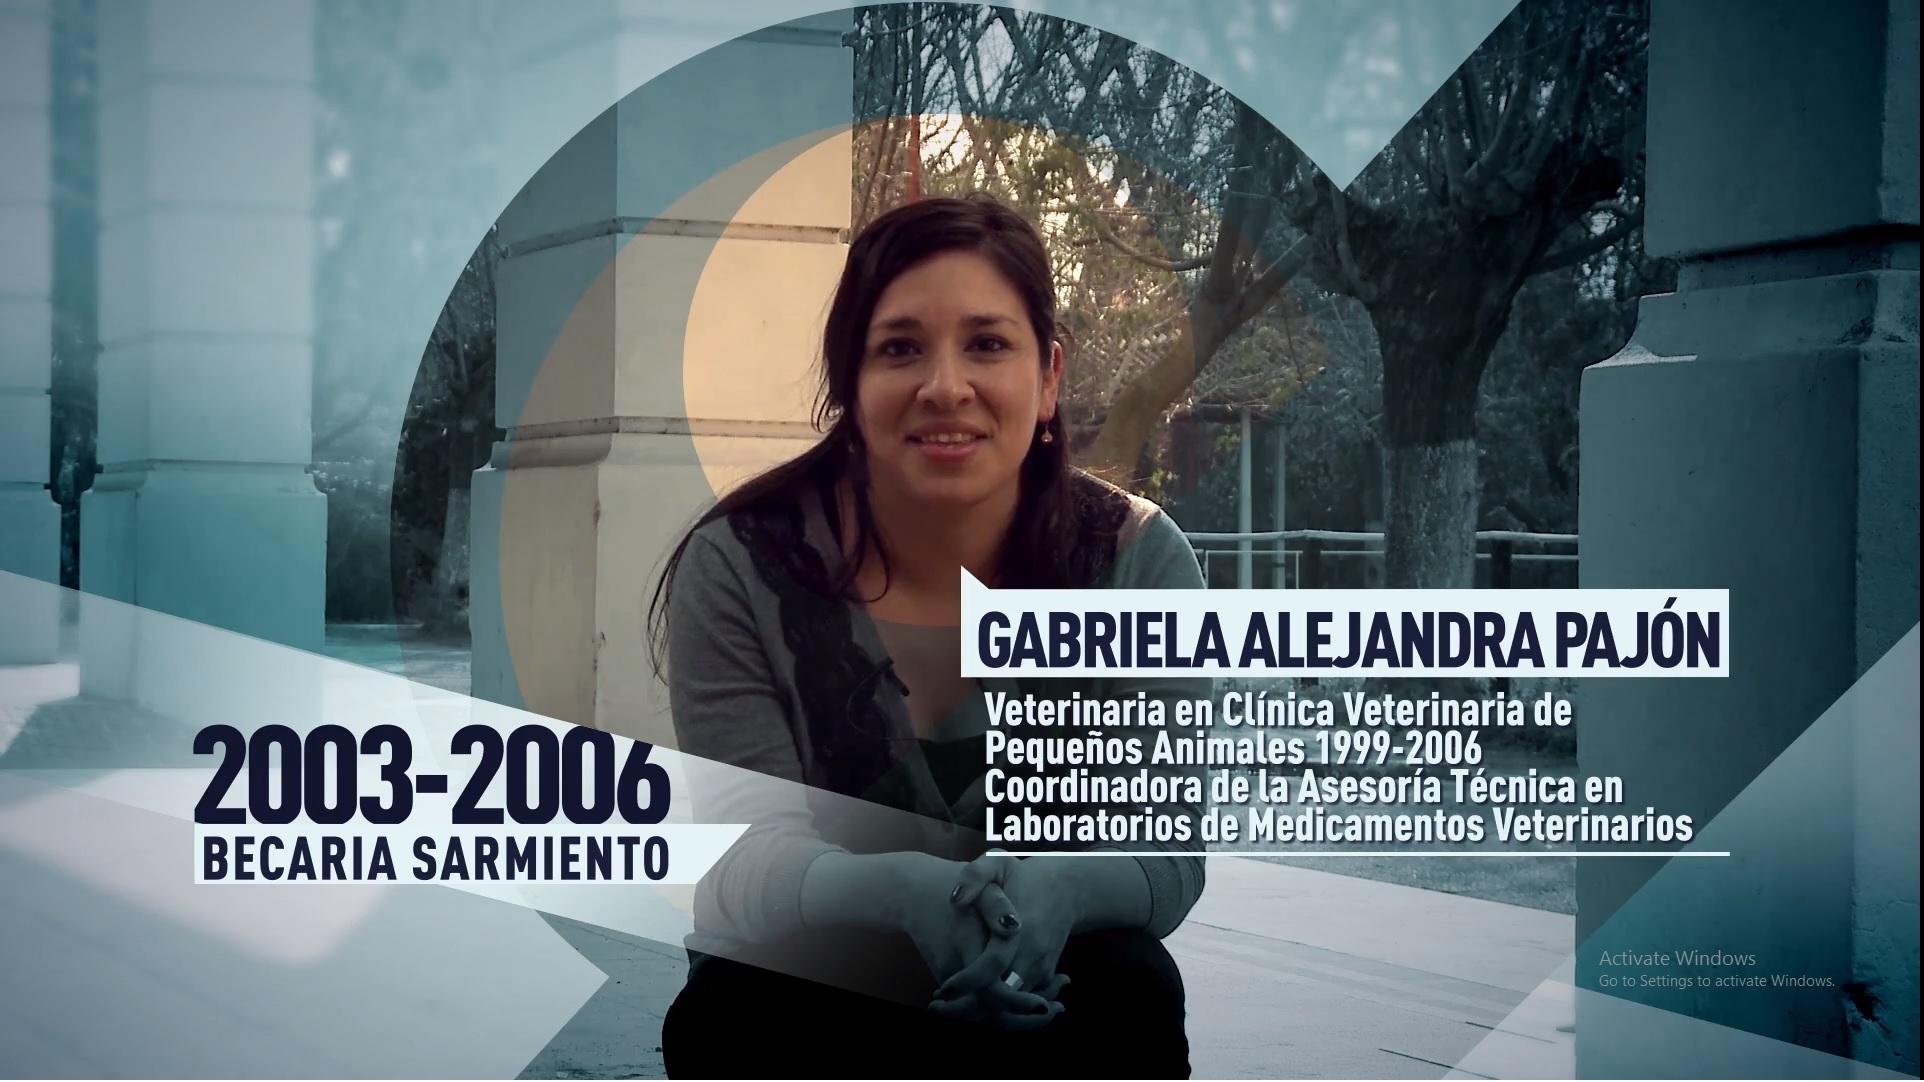 Soy UBA Veterinaria - Gabriela Pajón, becaria